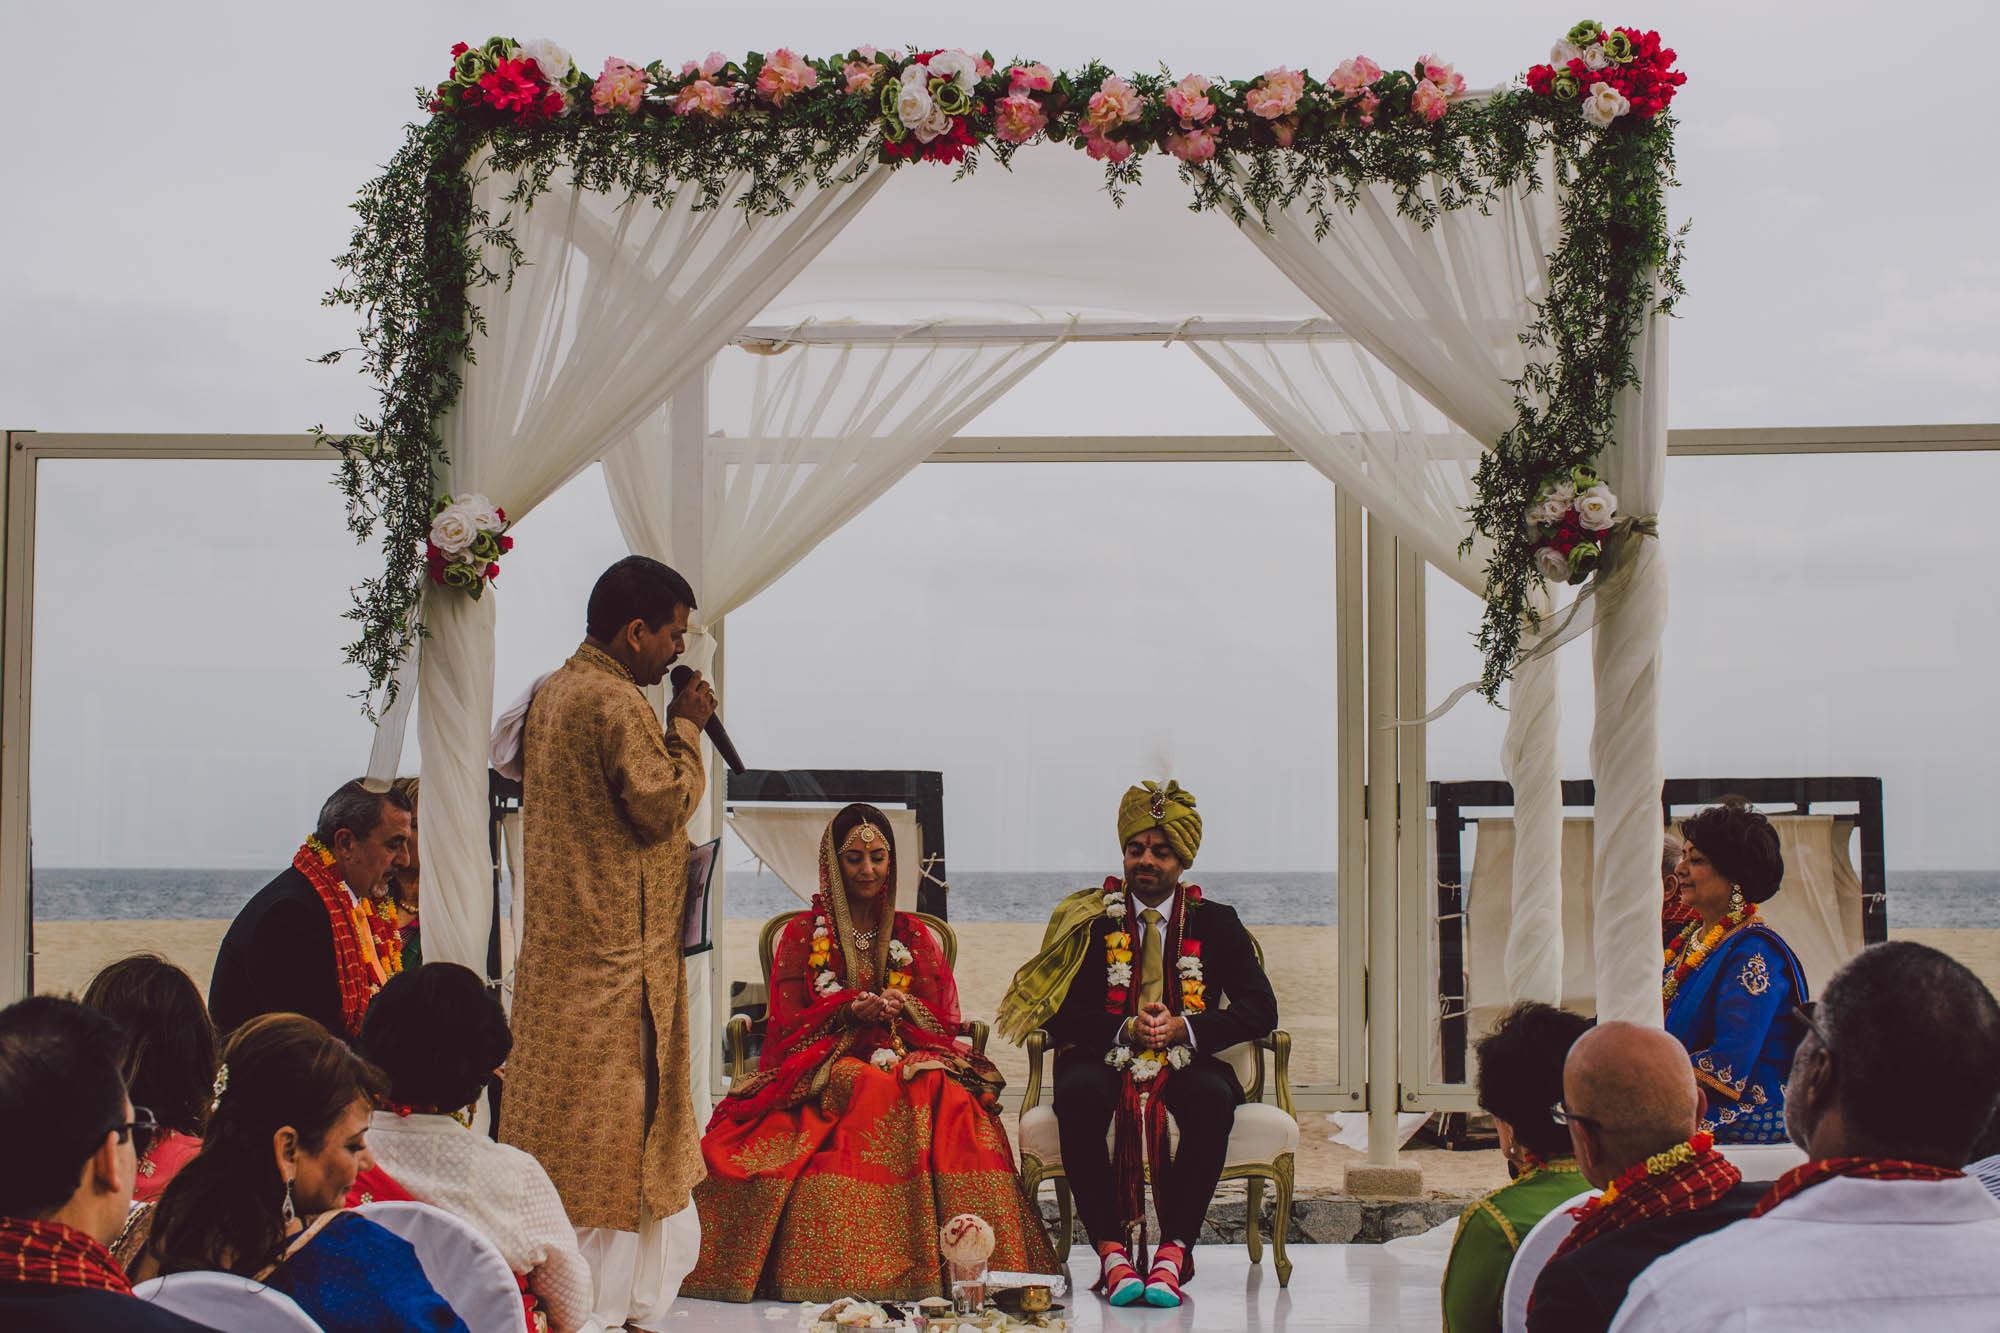 cabo-san-lucas-mexico-pueblo-bonito-sunset-destination-wedding